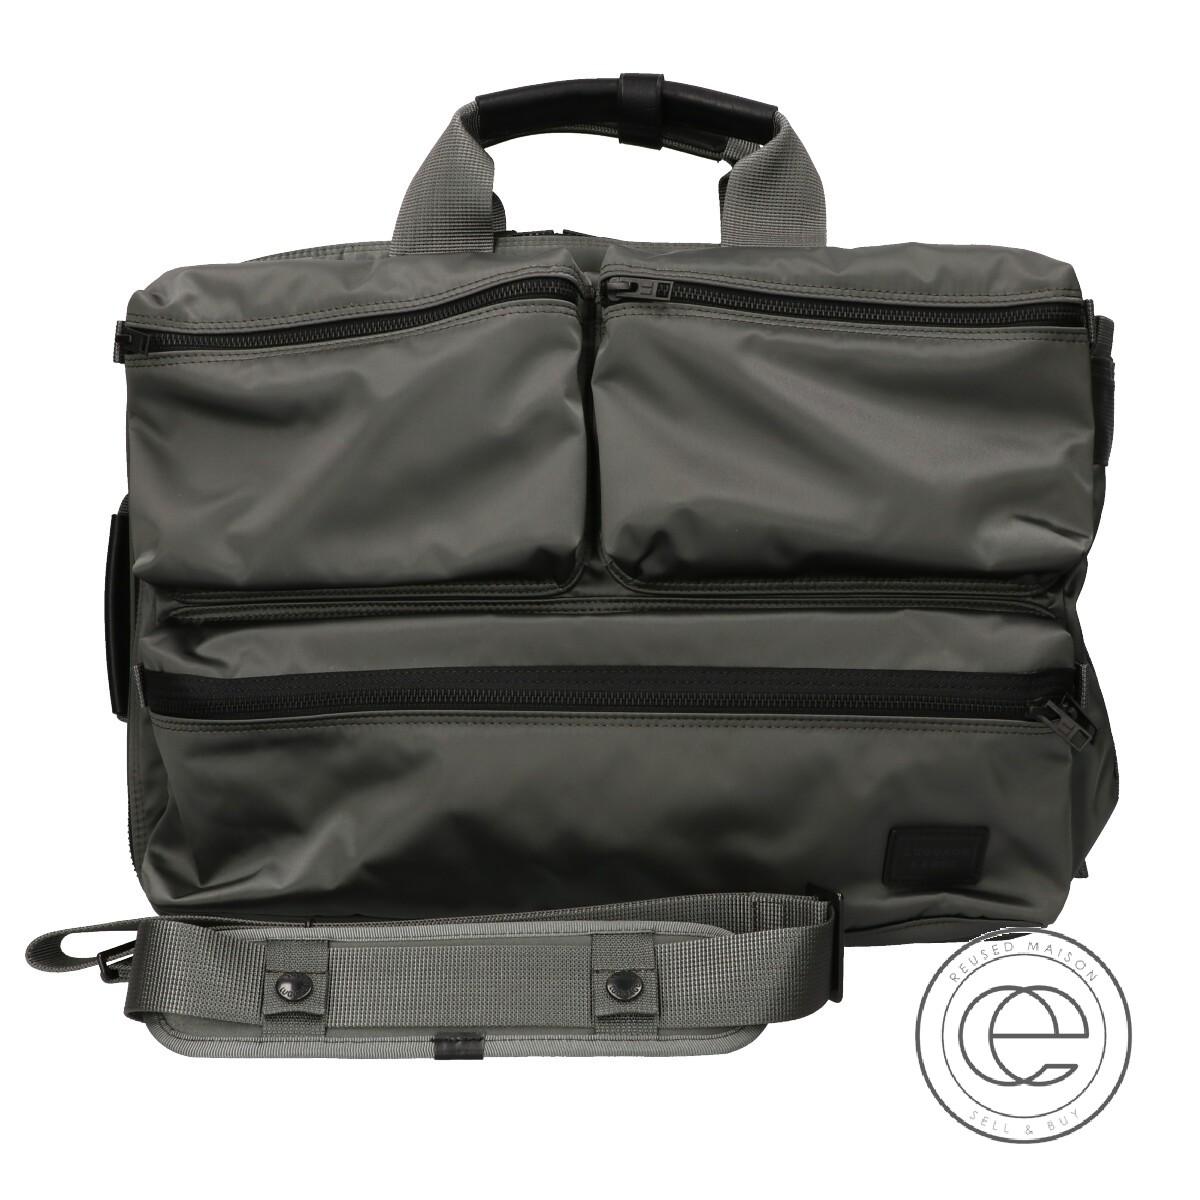 Luggage Label ラゲッジレーベル 973-05750 ZONE 3WAY BRIEFCASE 3WAYブリーフケース グレーカーキ メンズ【中古】